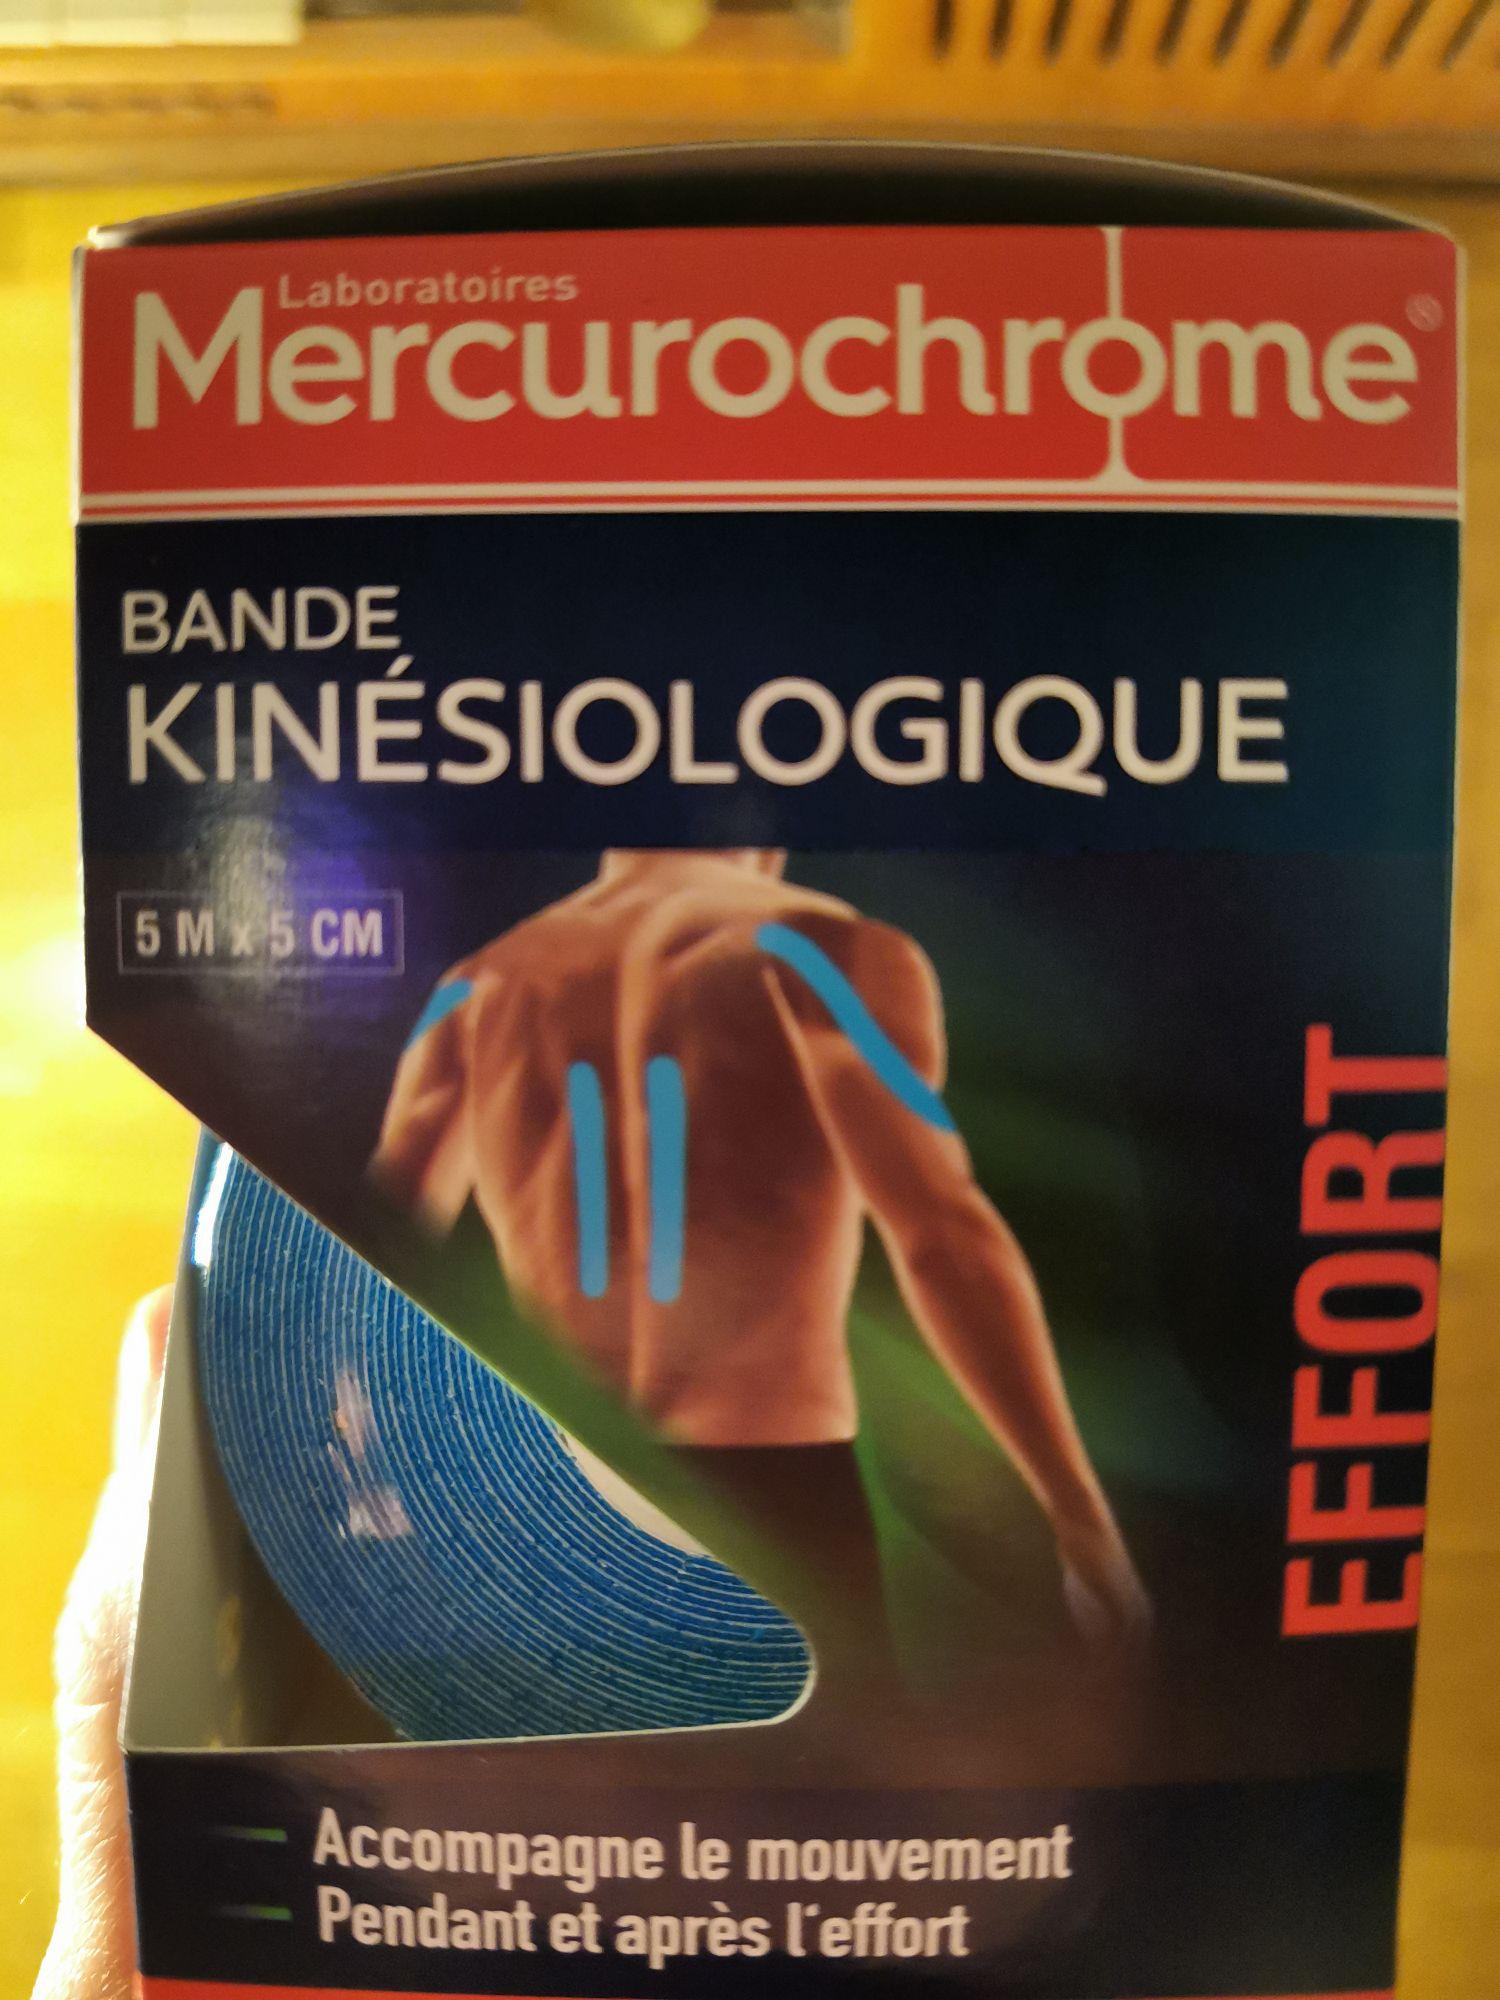 Bande Kinesiologique Mercurochrome - Venissieux (69)